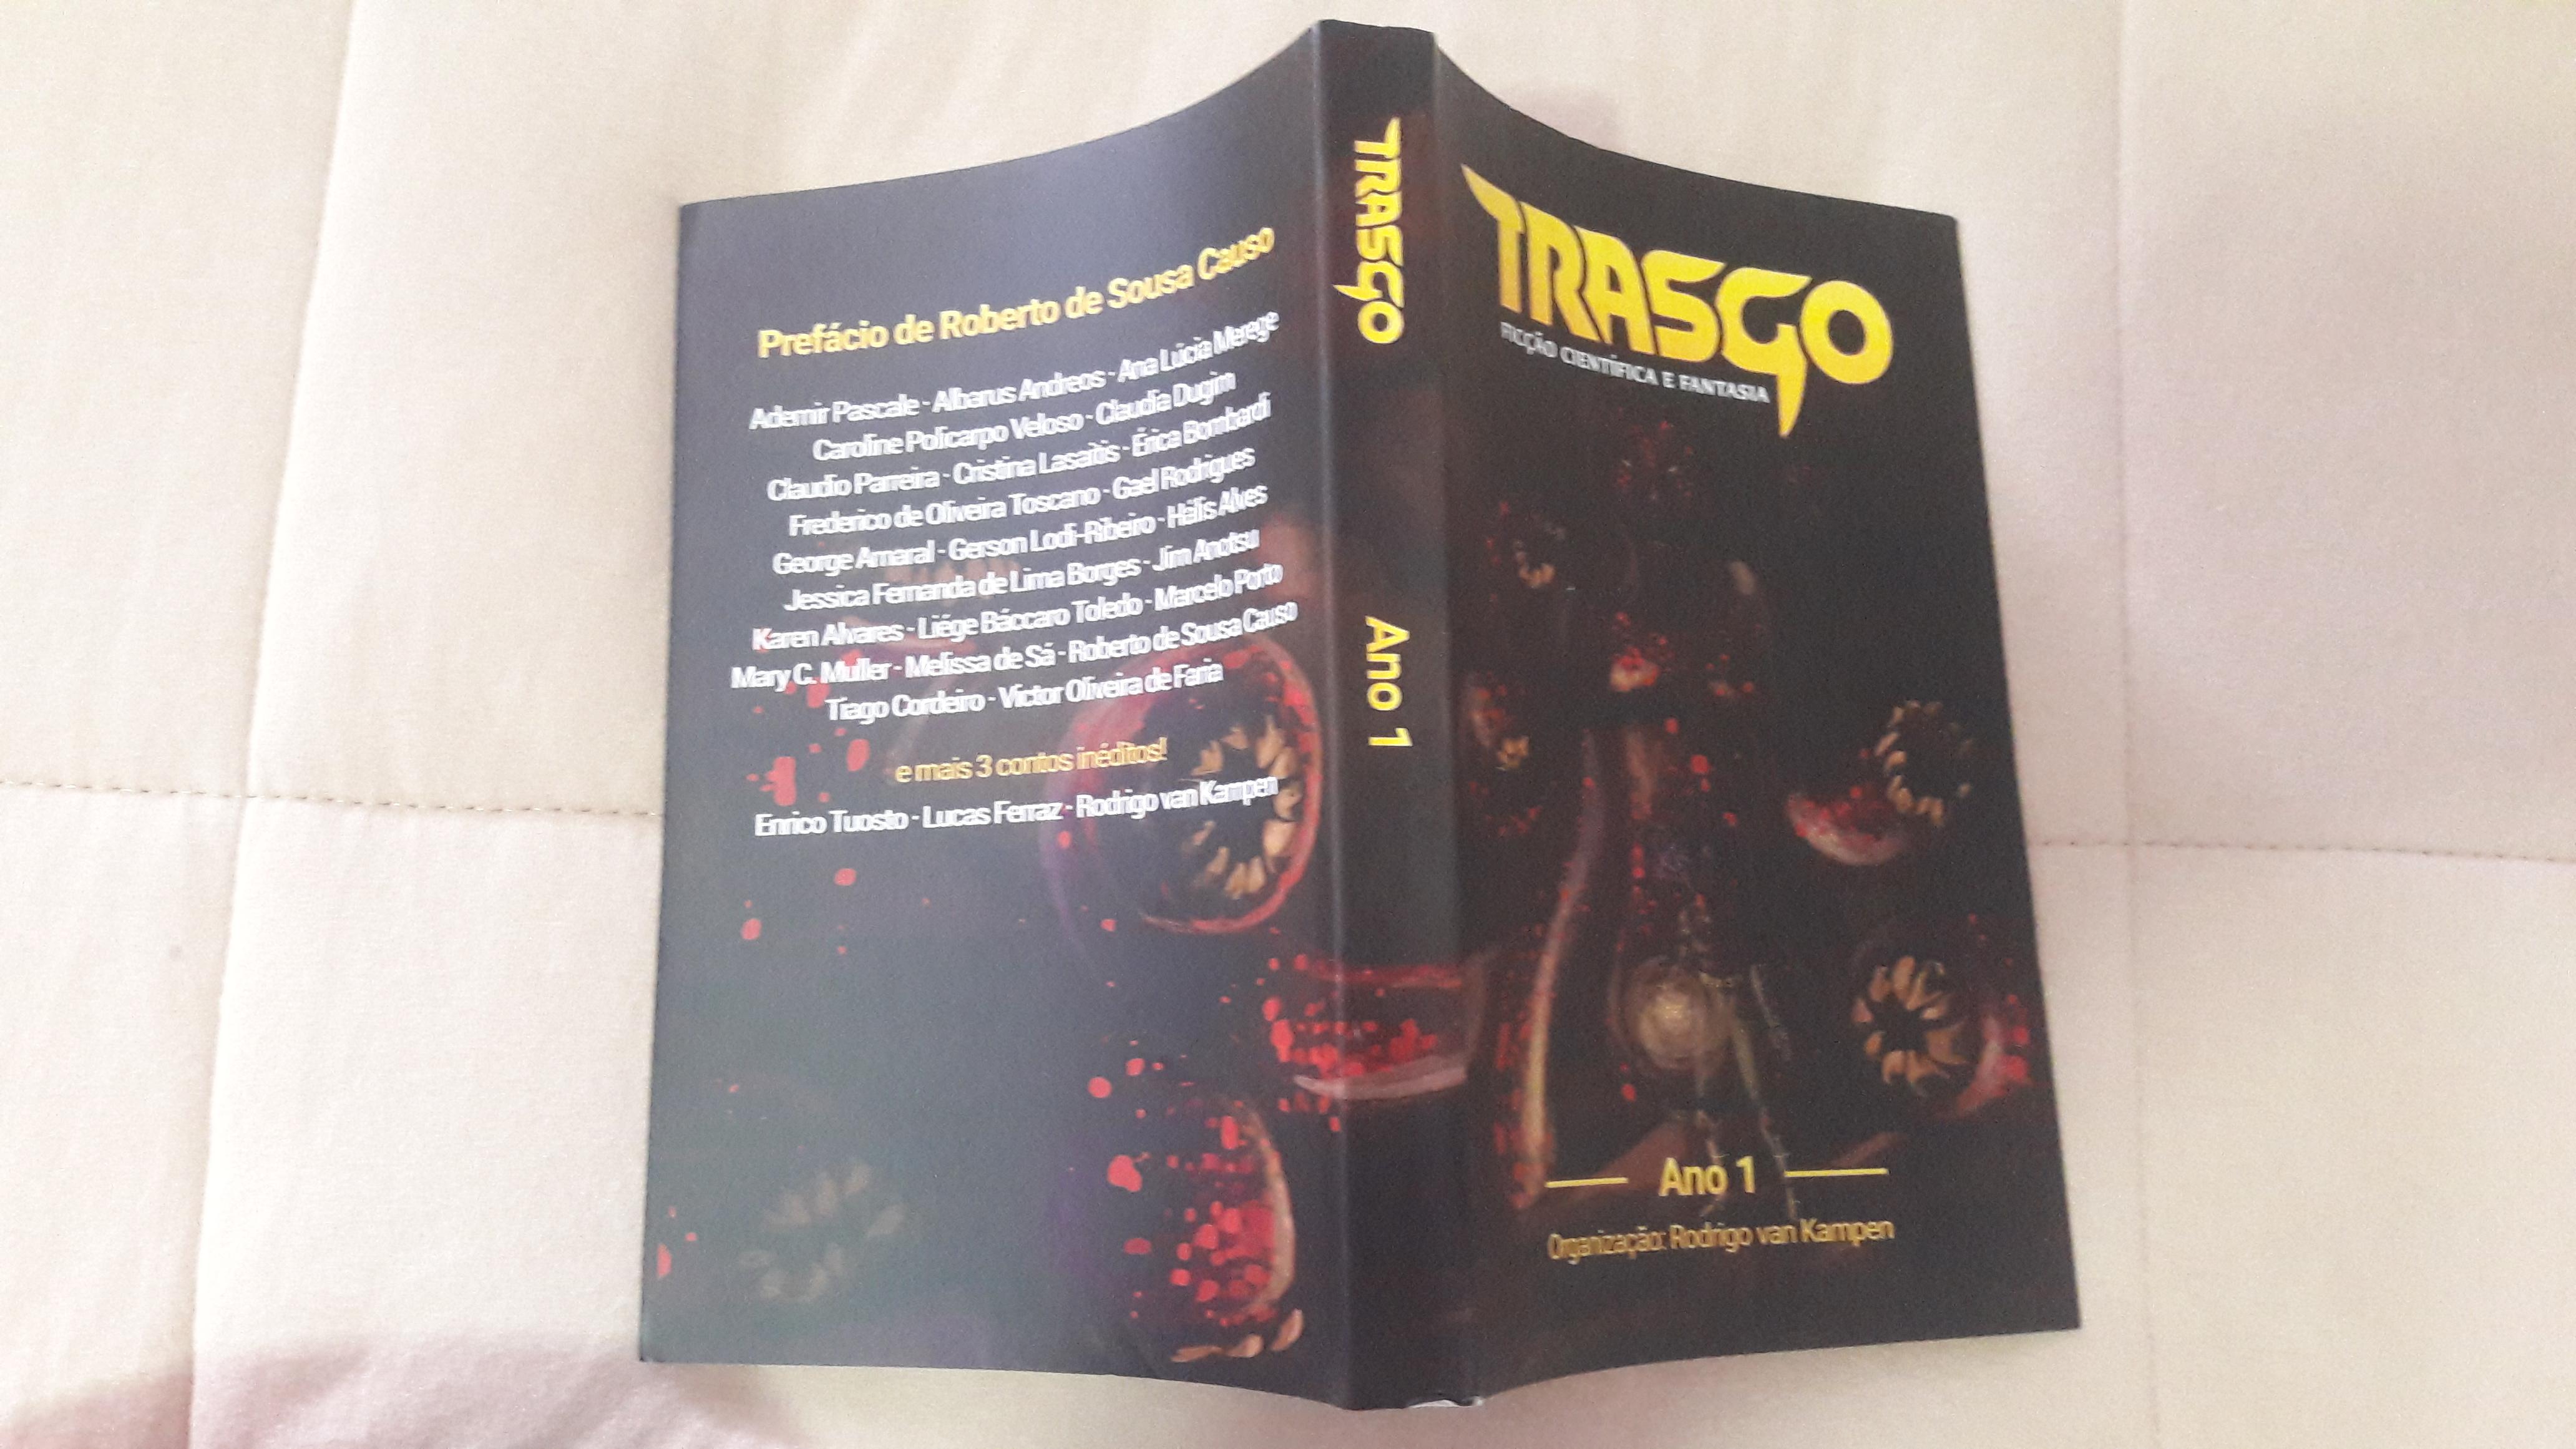 Livro Trasgo.